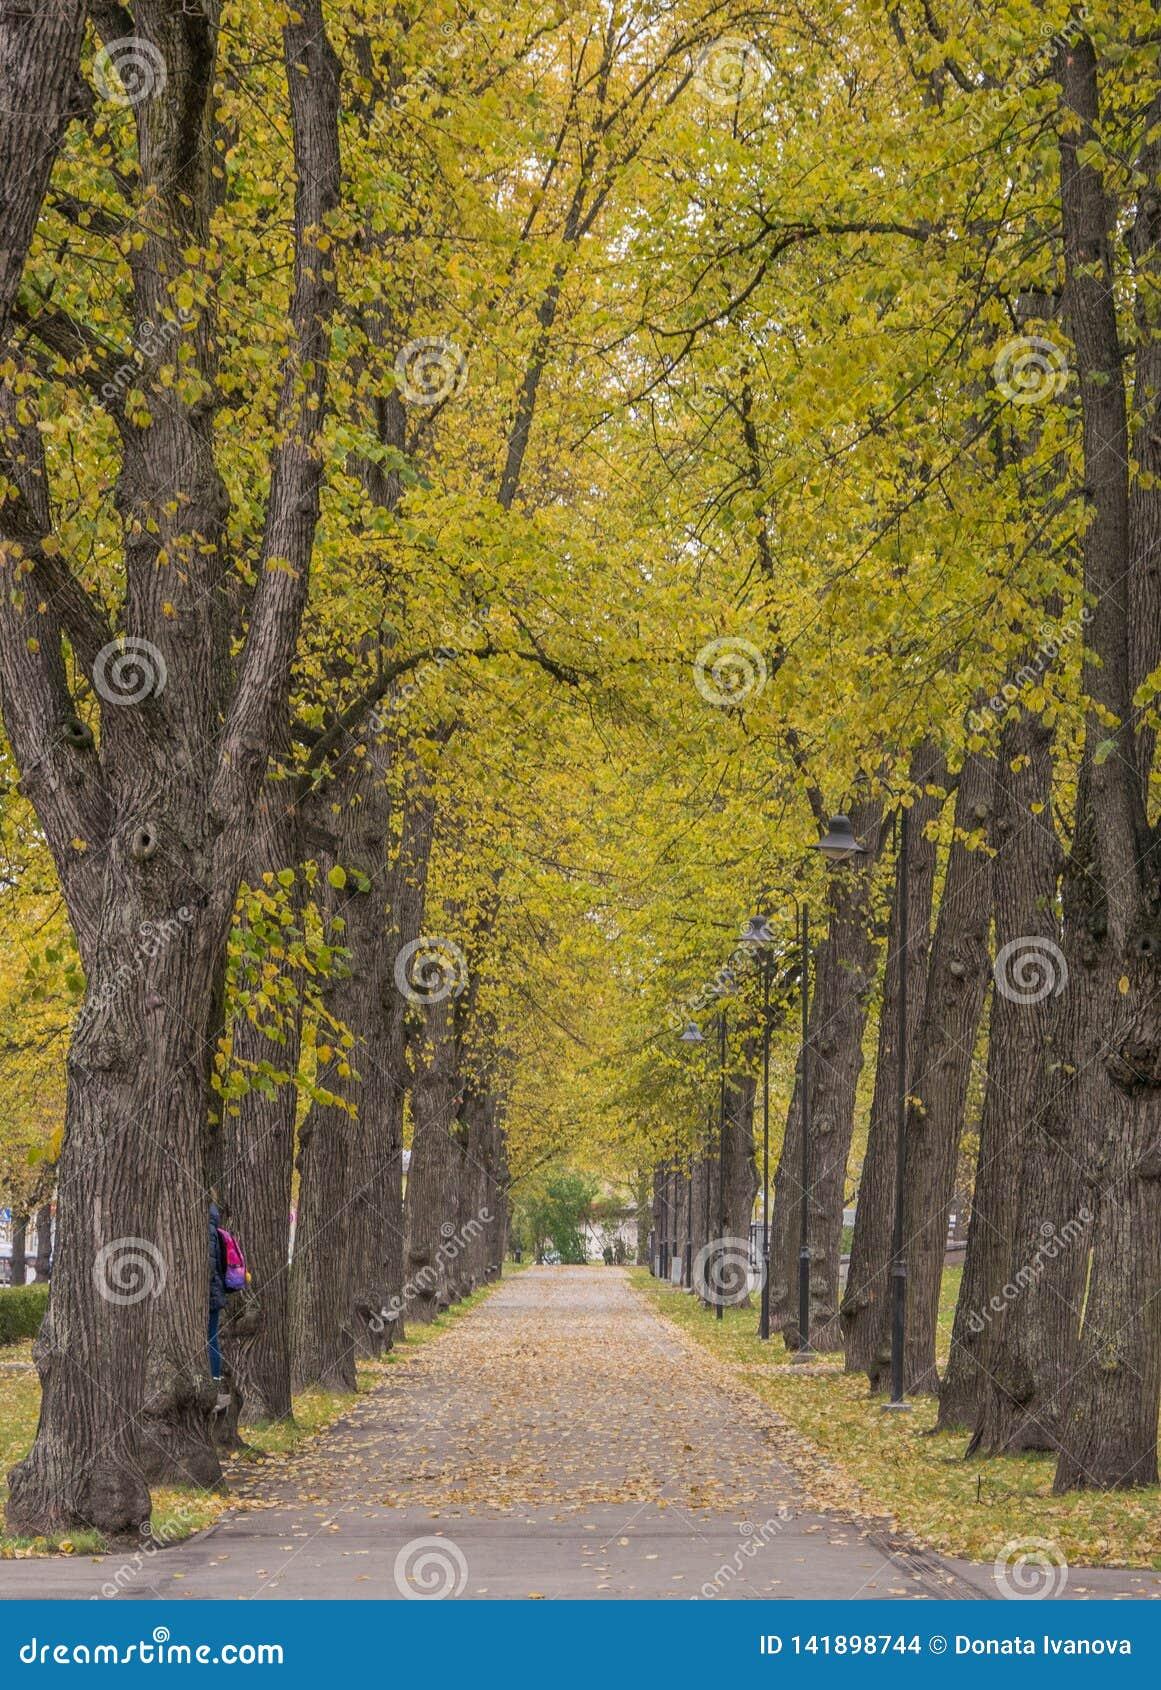 El callejón en el parque se alinea con los árboles